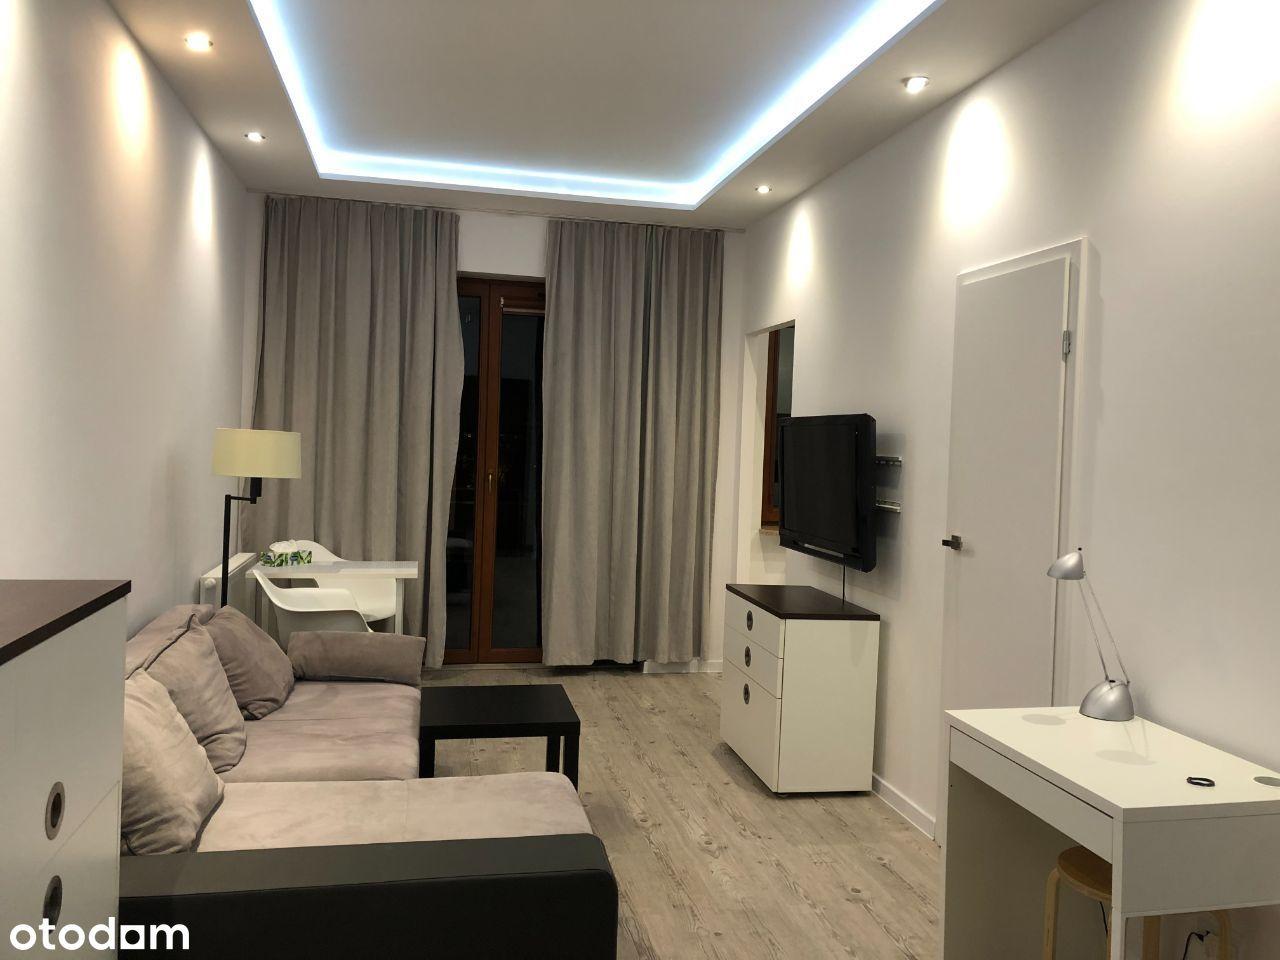 Mieszkanie 1-pokojwe,kawalerka na wynajem Żoliborz